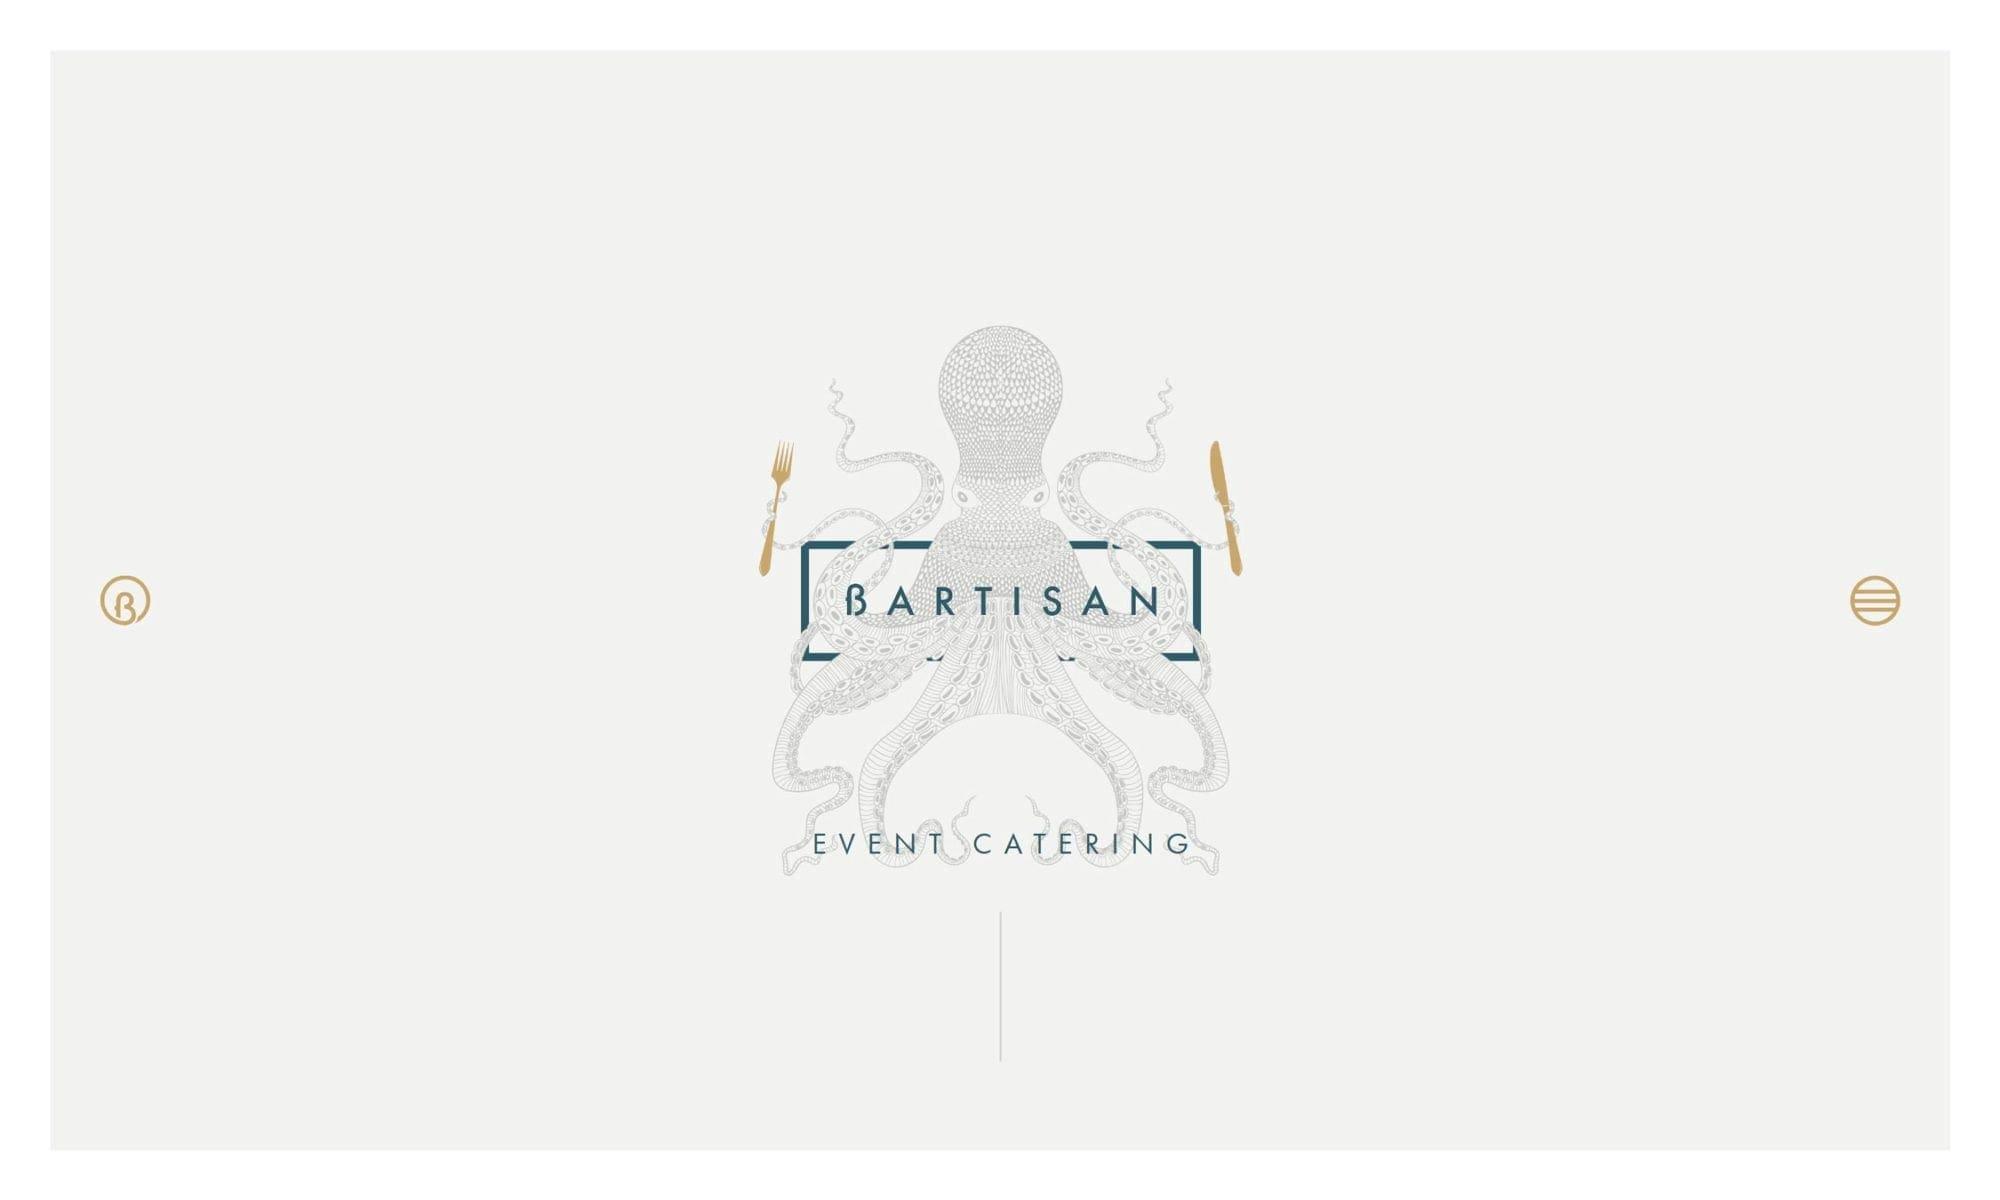 Bartisan